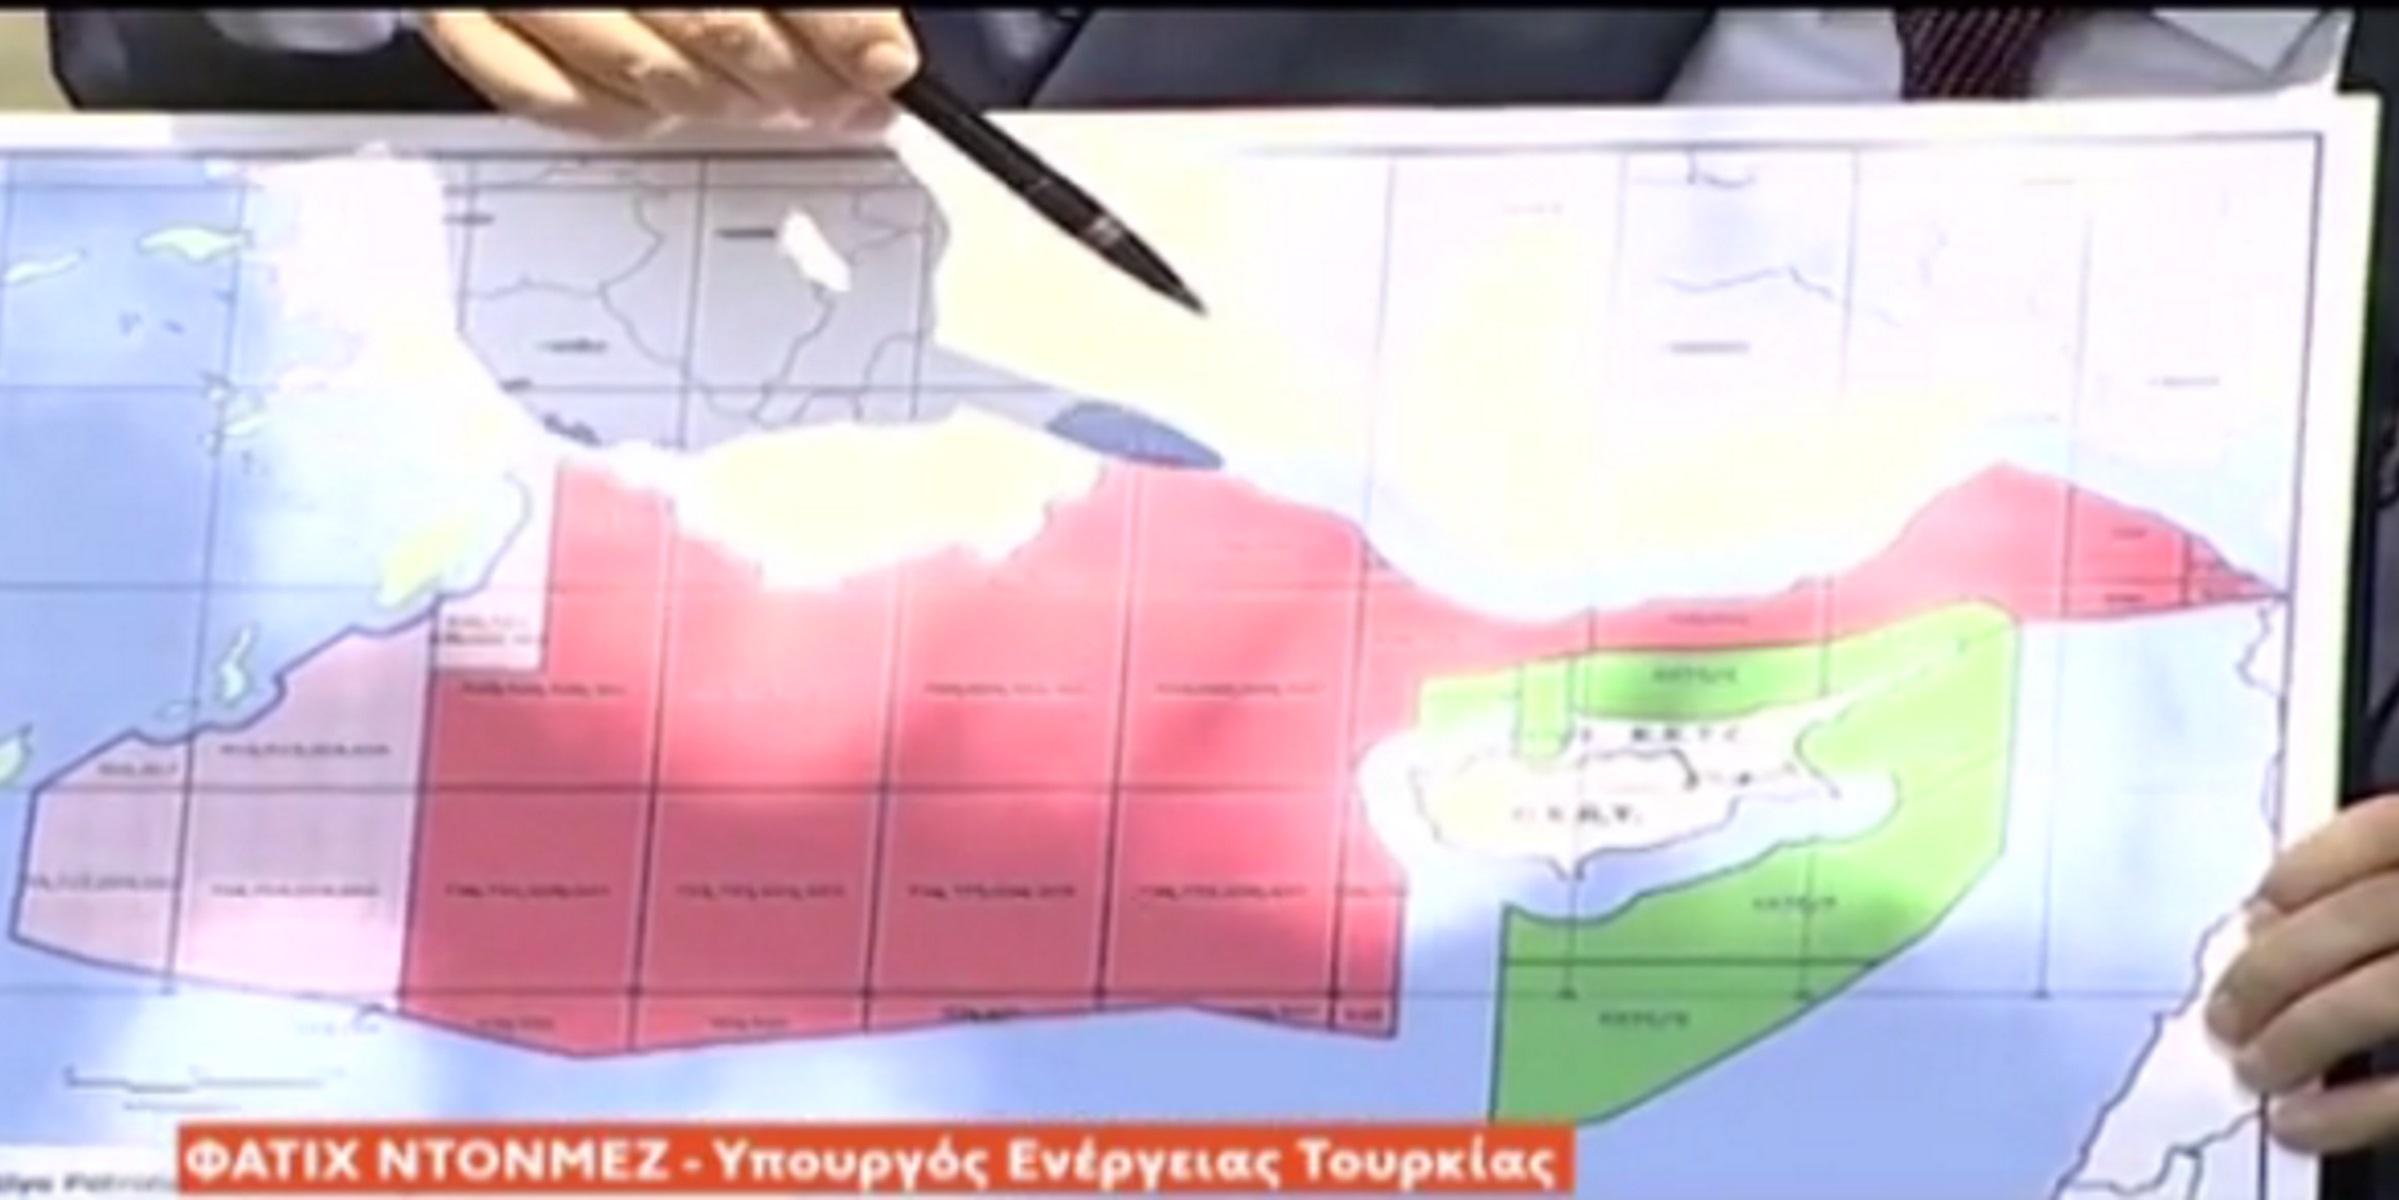 """Νέο show Ντονμέζ με χάρτες: Κάνουμε γεωτρήσεις στα σύνορα της """"Γαλάζιας Πατρίδας"""" μας"""